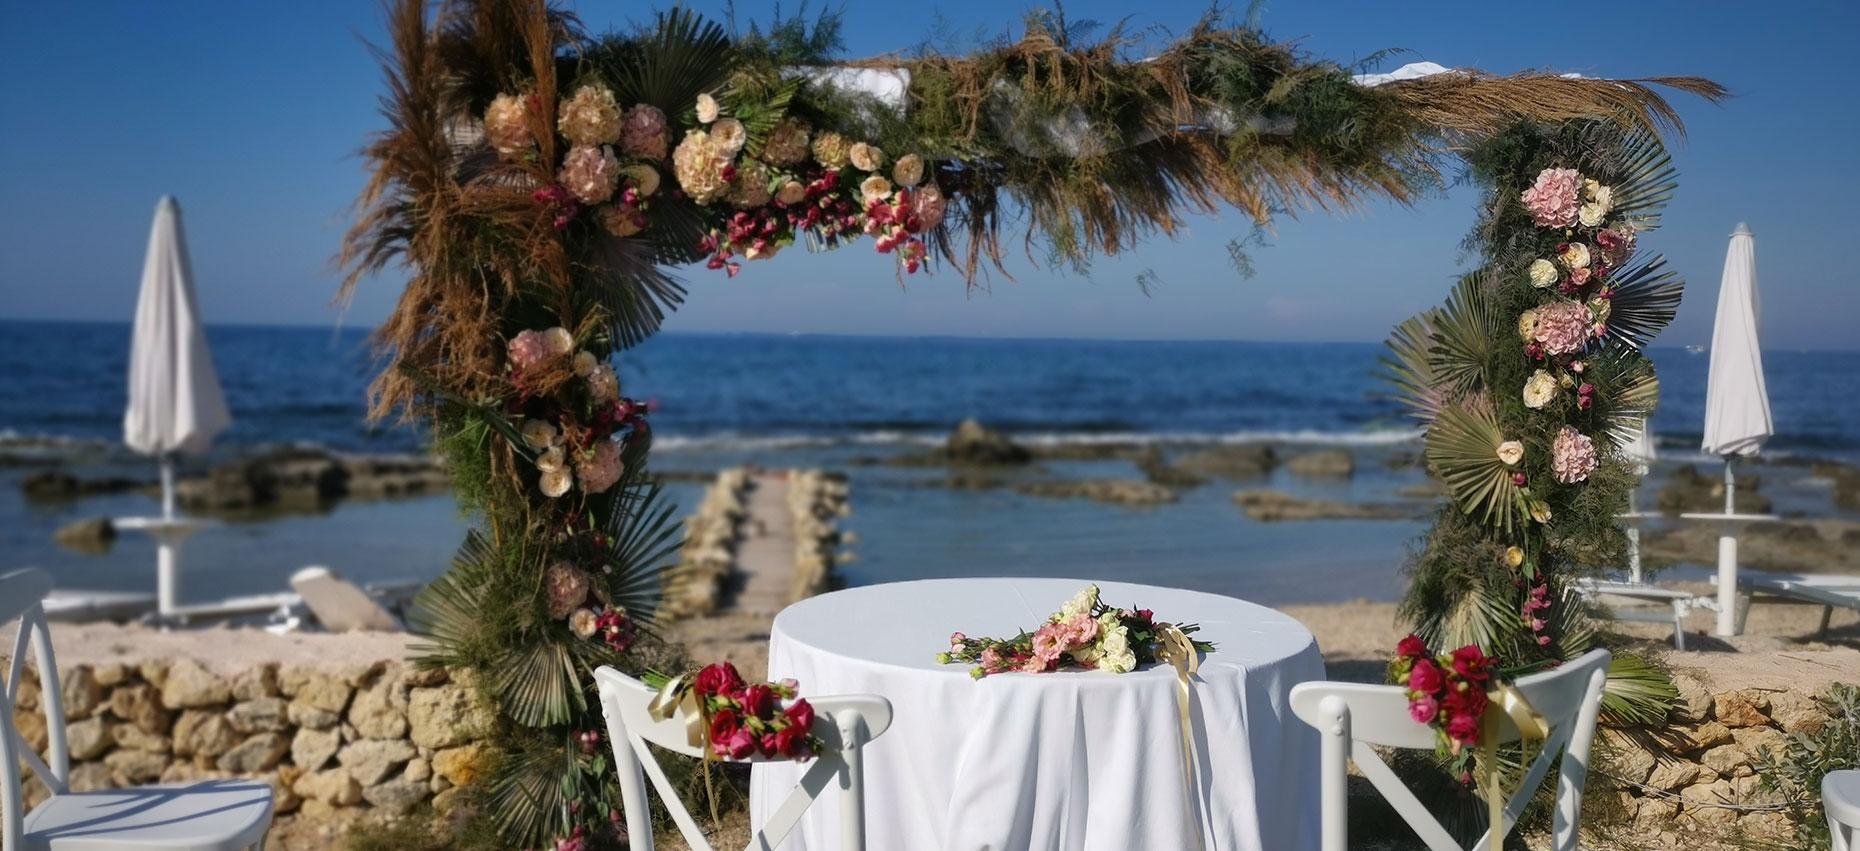 contatti-1-domenica-giorgio-floral-designer-event-wedding-planner-organizzazione-matrimoni-puglia-basilicata